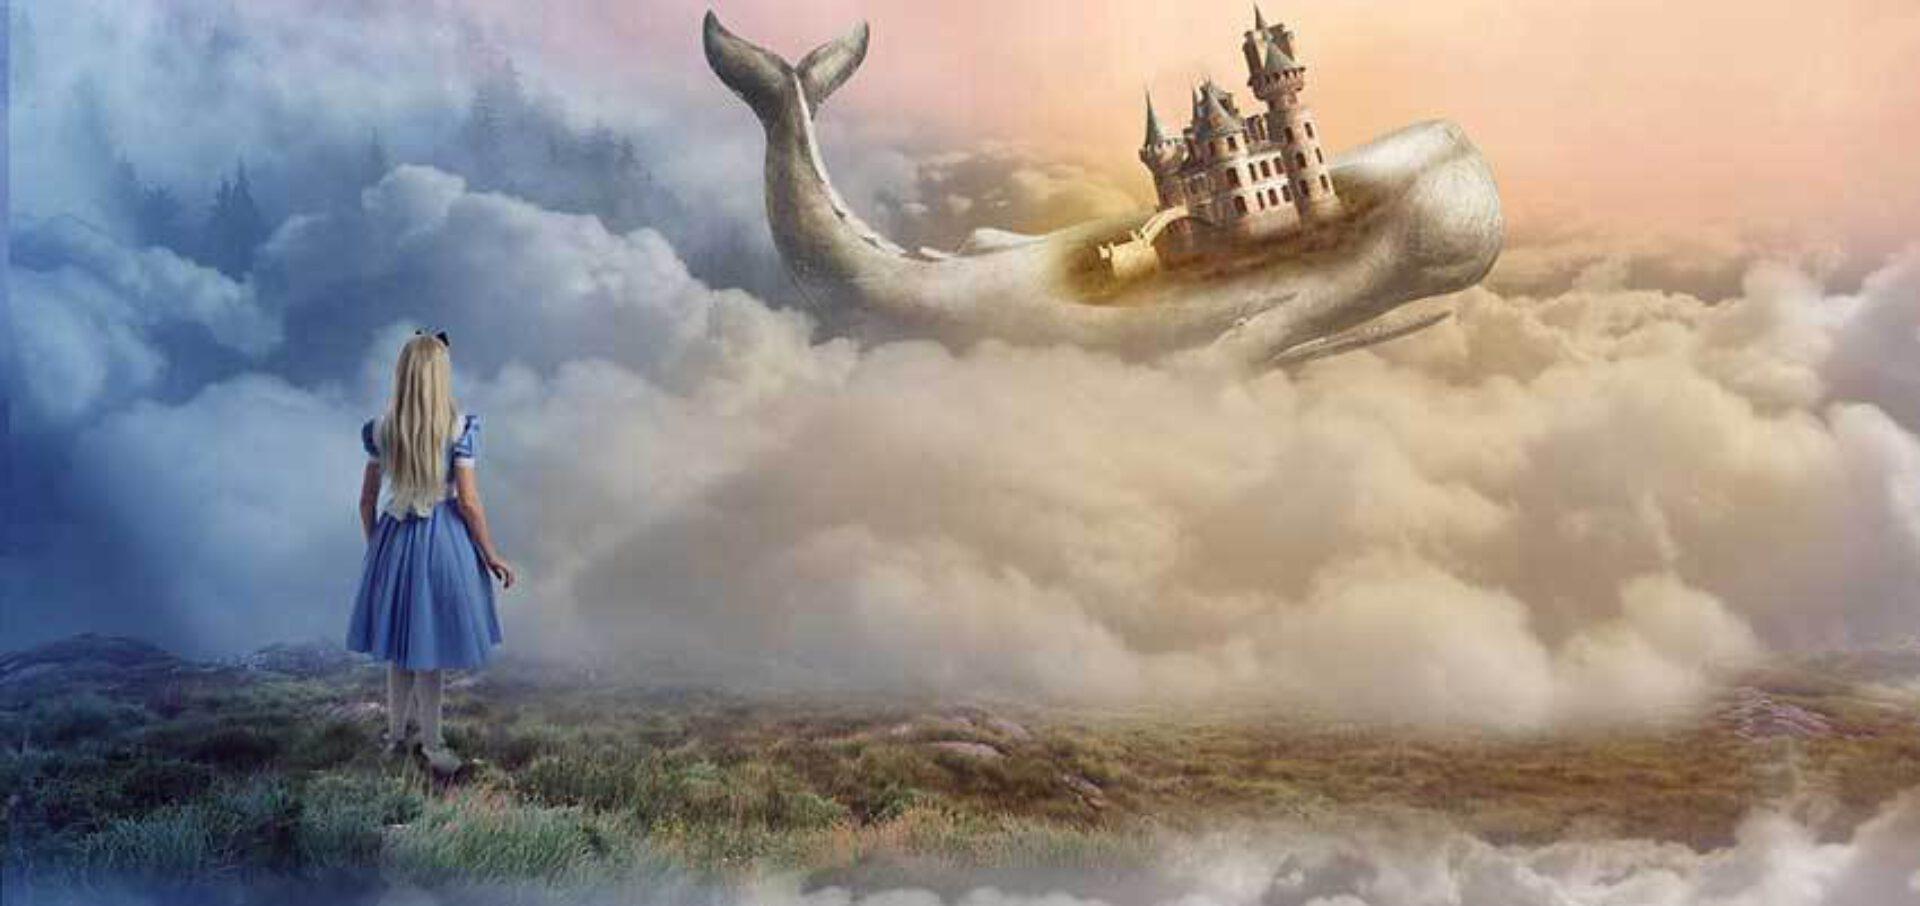 De betekenis die schuilgaat achter je dromen